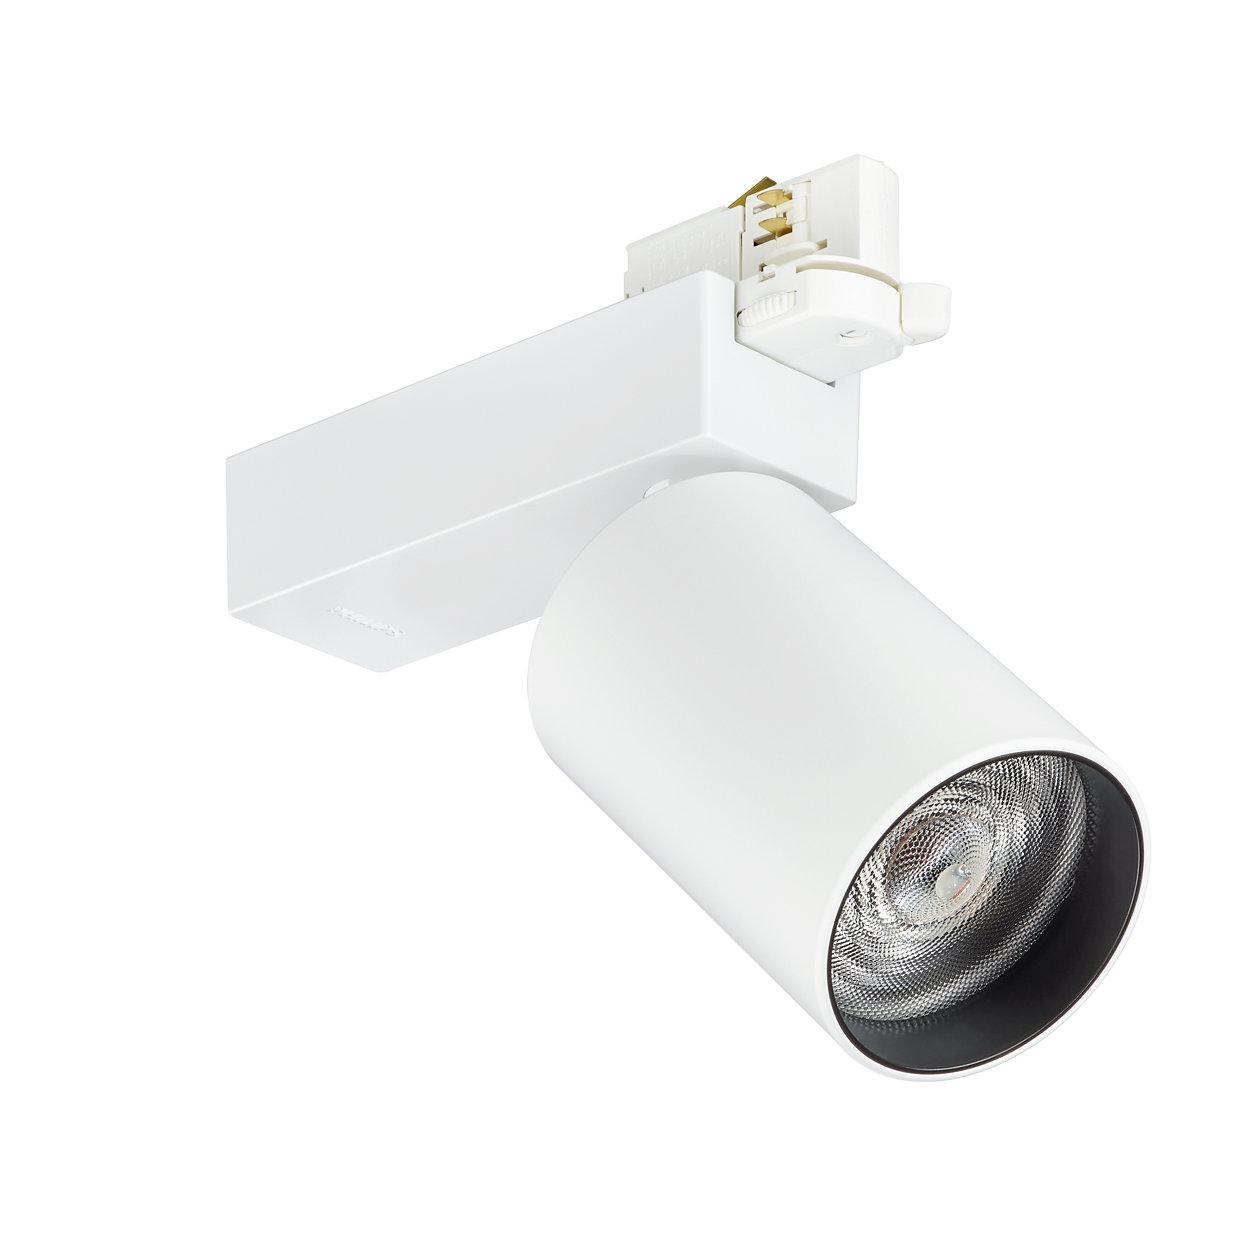 Bästa ljuskvalitet i spottar i miniformat för klädbutiker